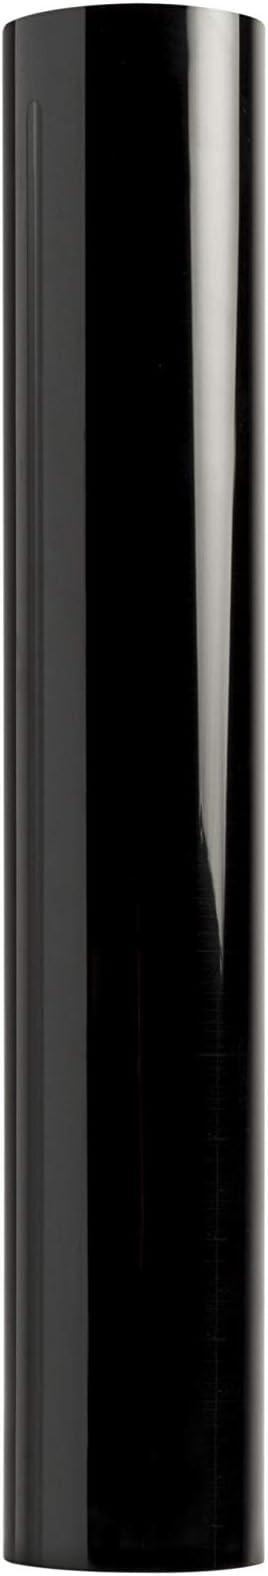 Black One Size Cricut Everyday Iron-On